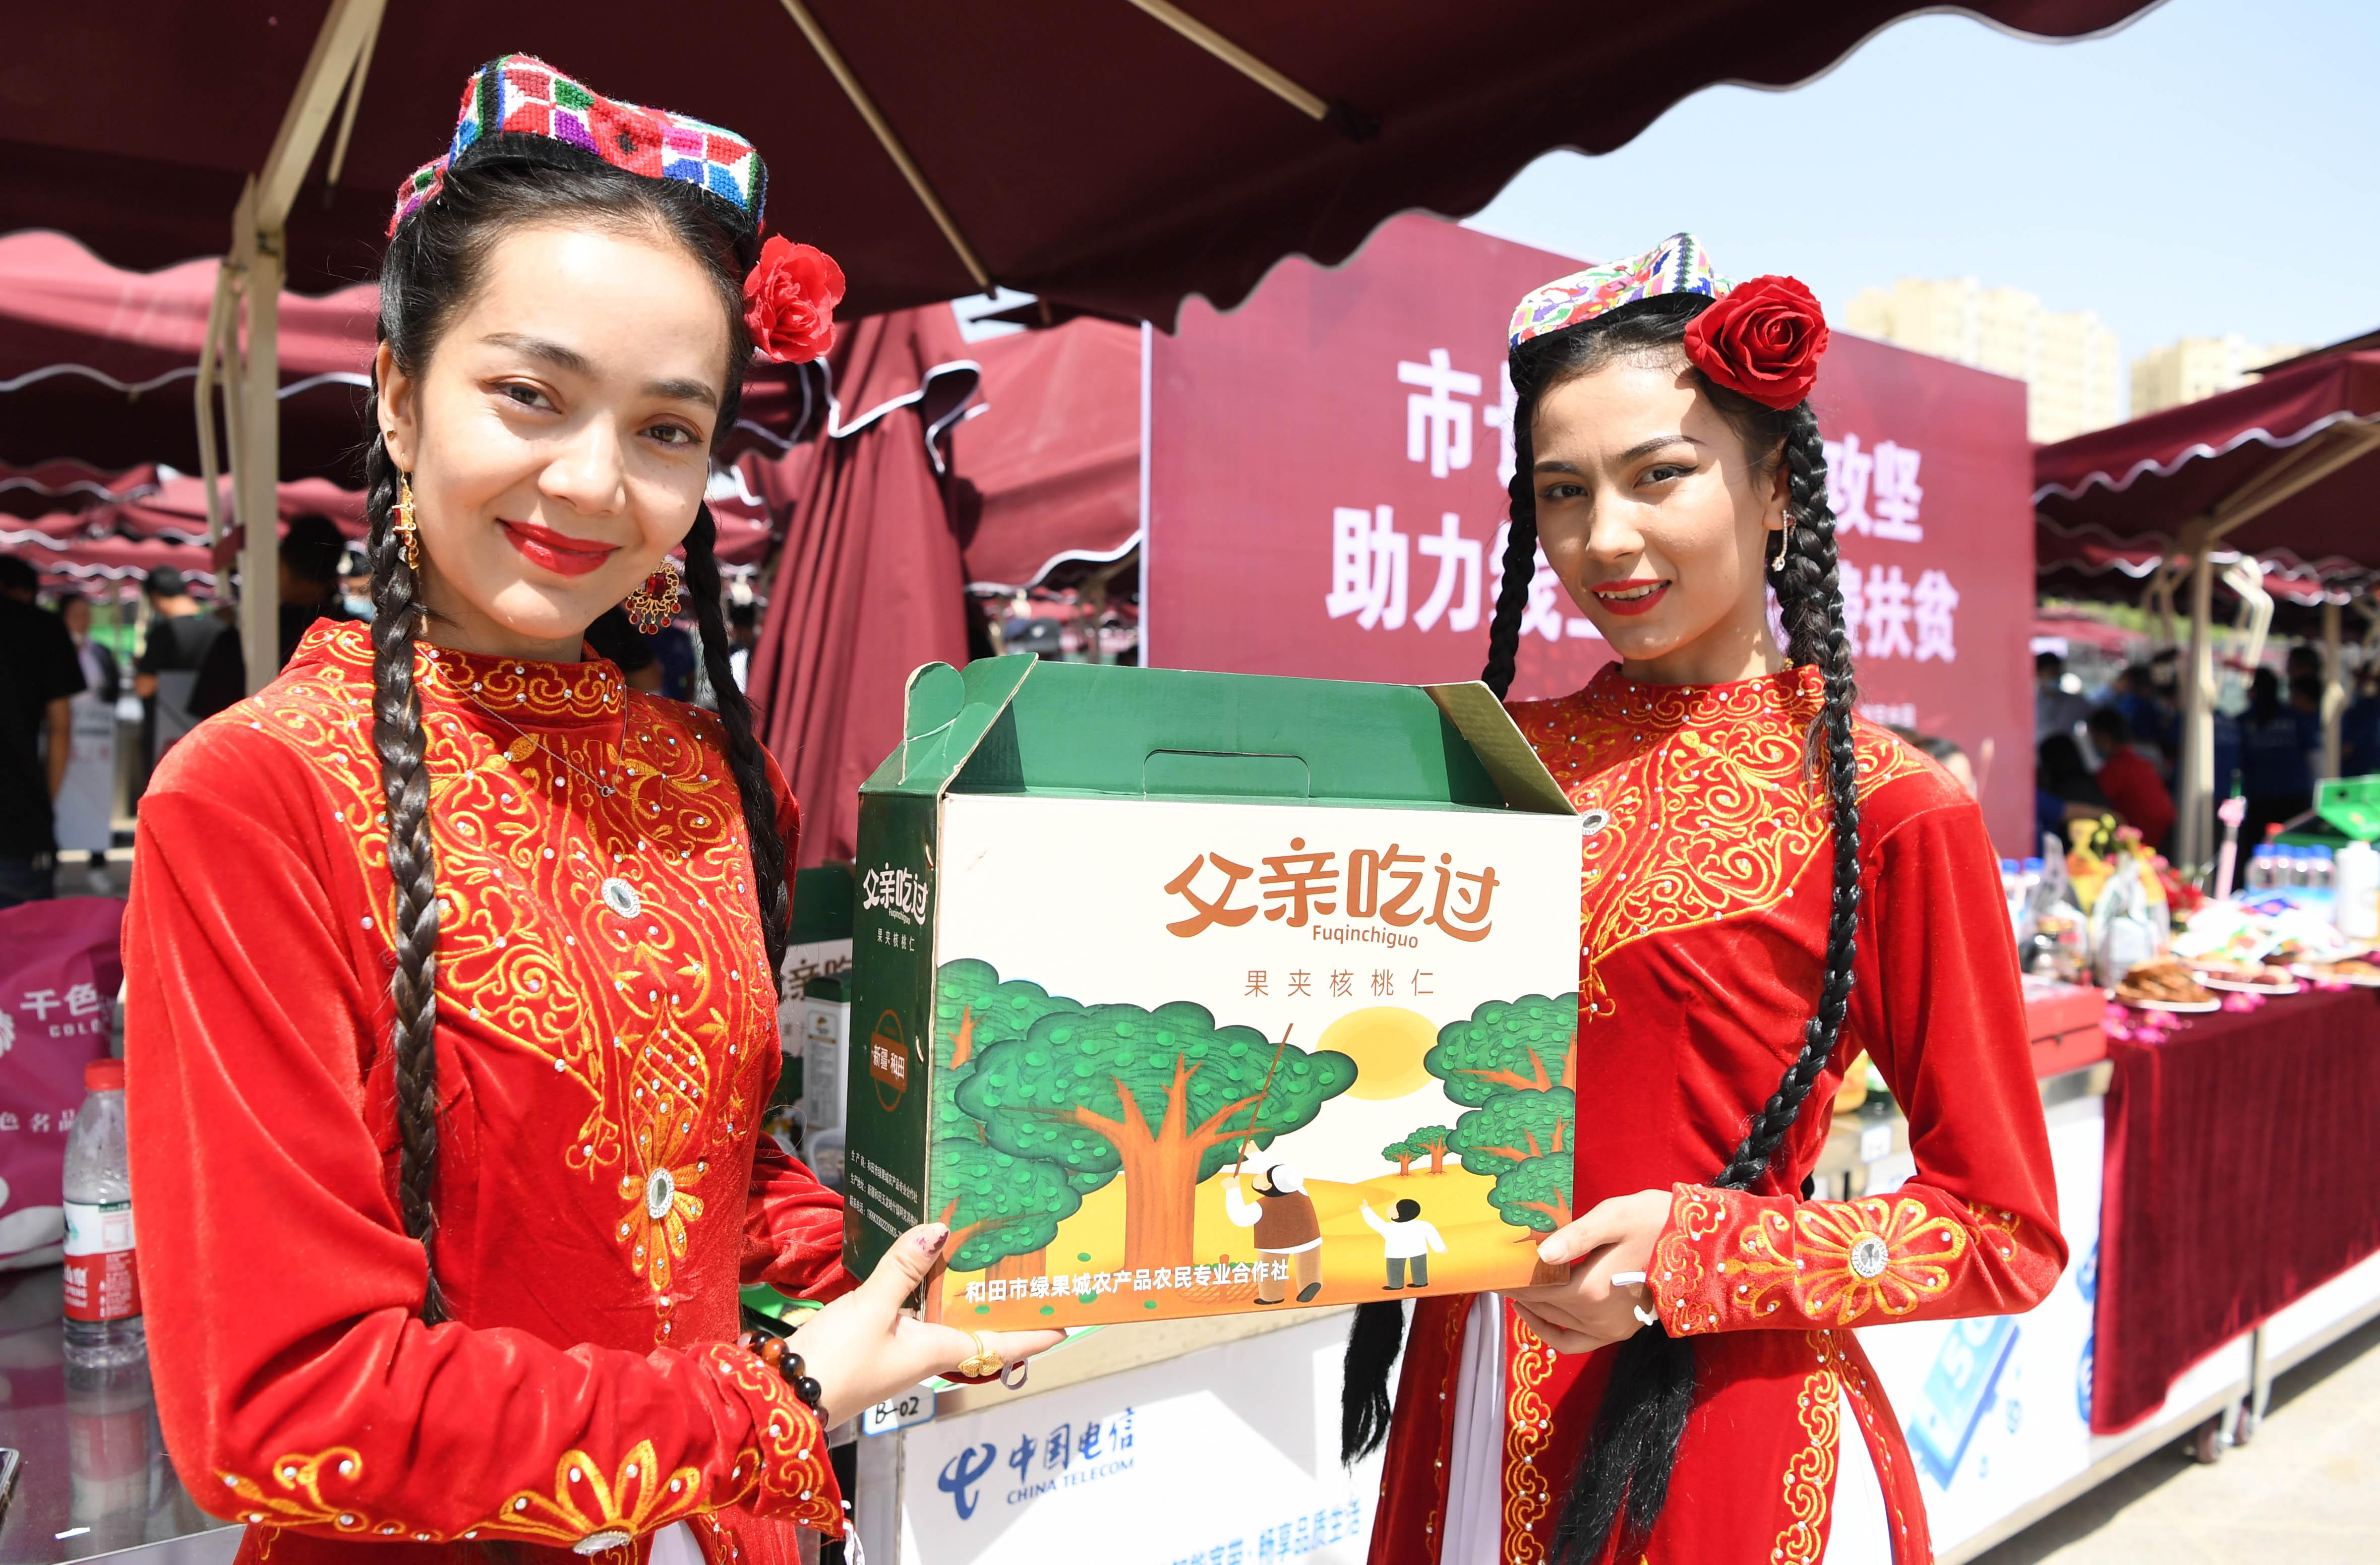 中国「オンライン経済」逆風の中で急成長